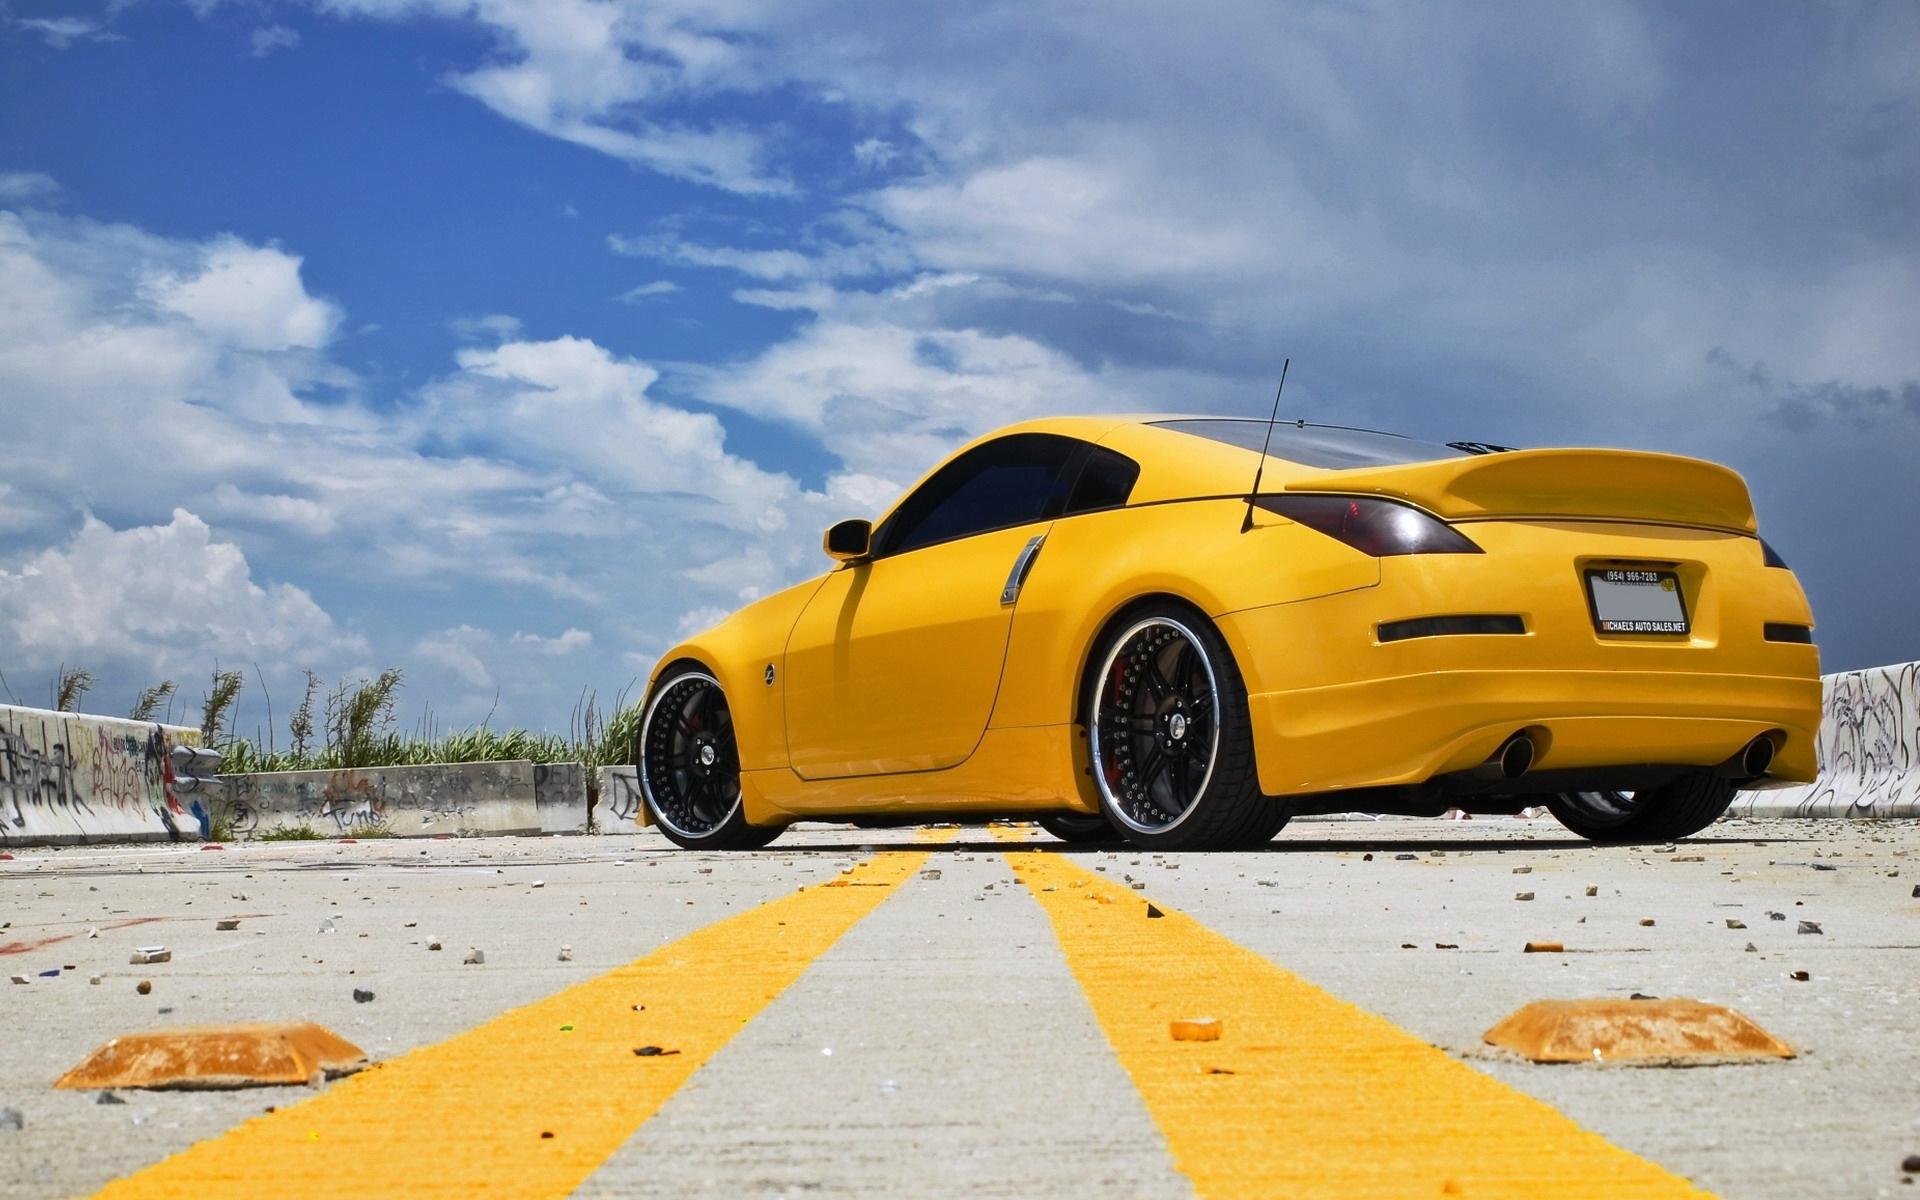 Картинка: Автомобиль, Nissan, 350Z, жёлтый, небо, облака, дорога, мусор